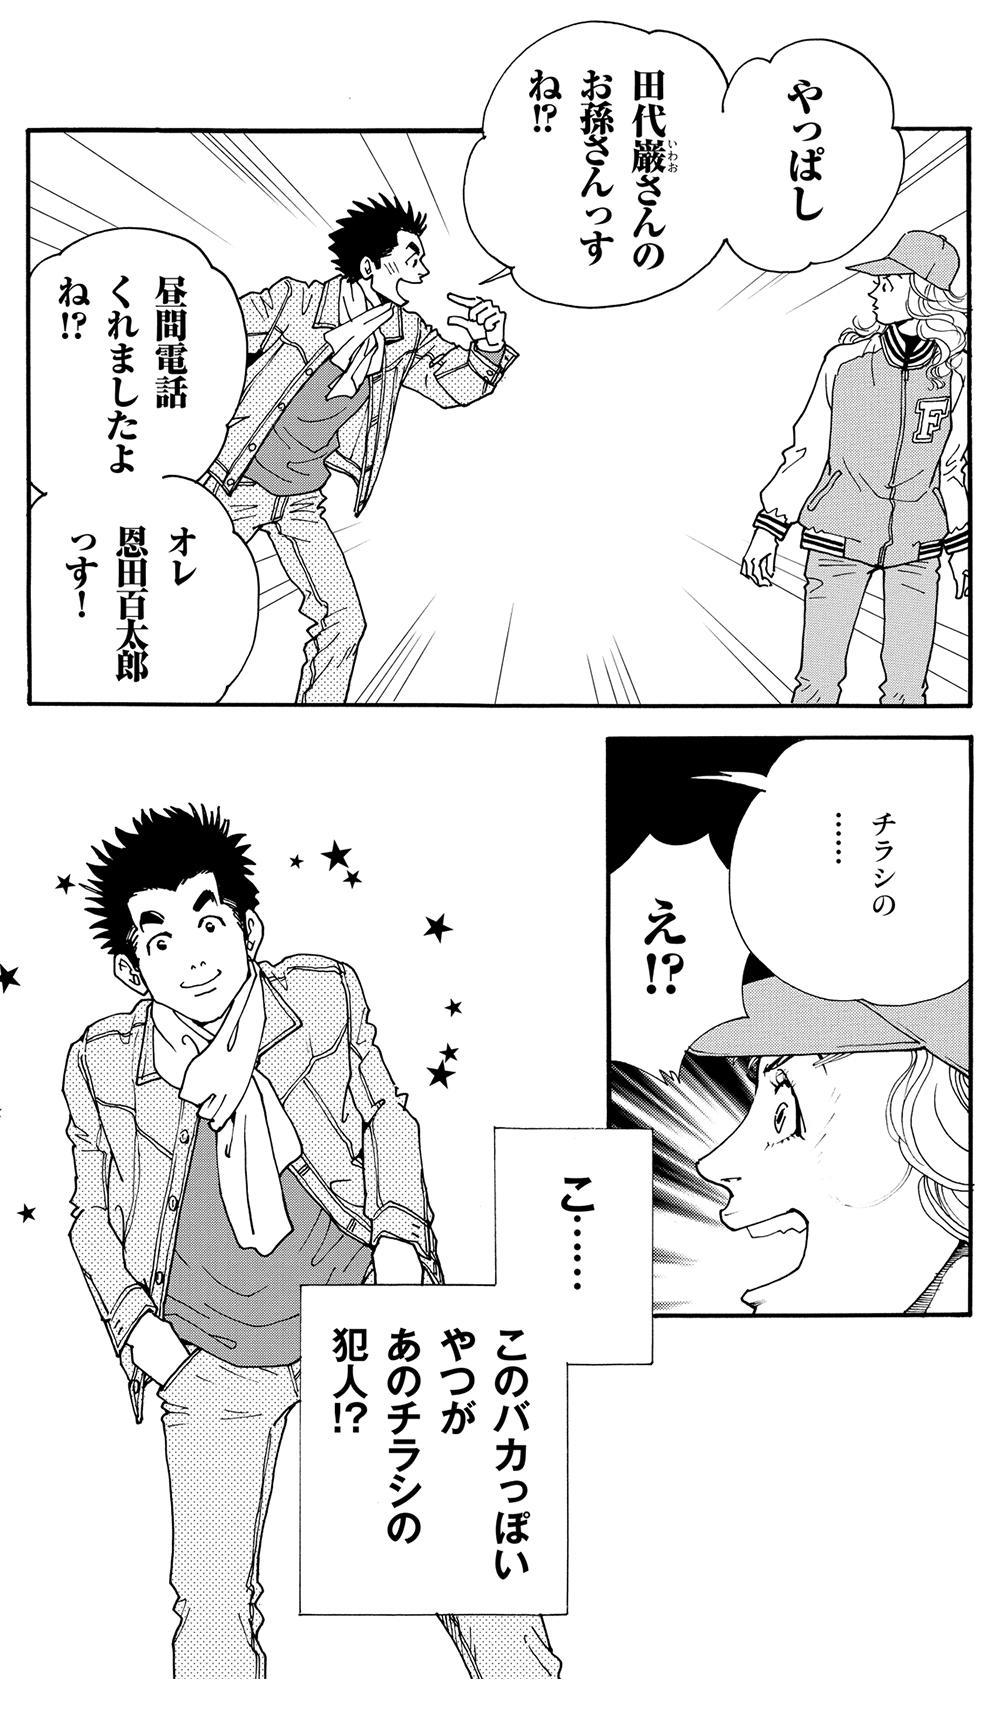 ヘルプマン!! 第3話「怪しい男」helpman03-14.jpg